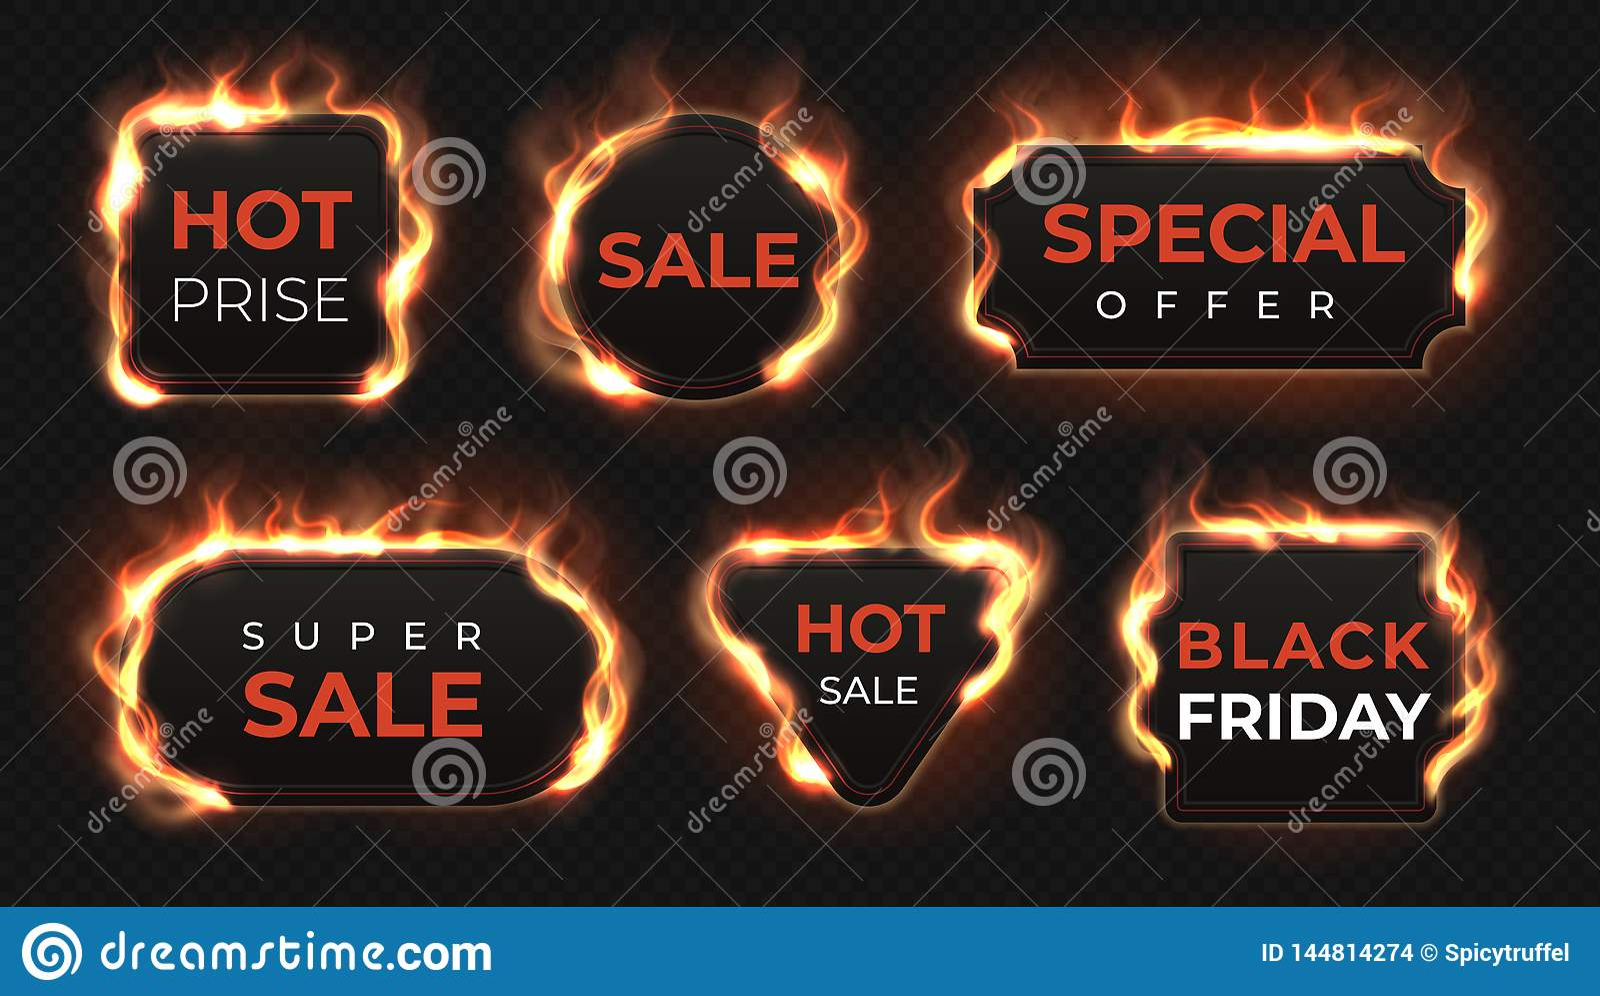 Etichette realistiche del fuoco Insegne calde con effetto brillante della fiamma, oggetti isolati del testo di offerta di vendita